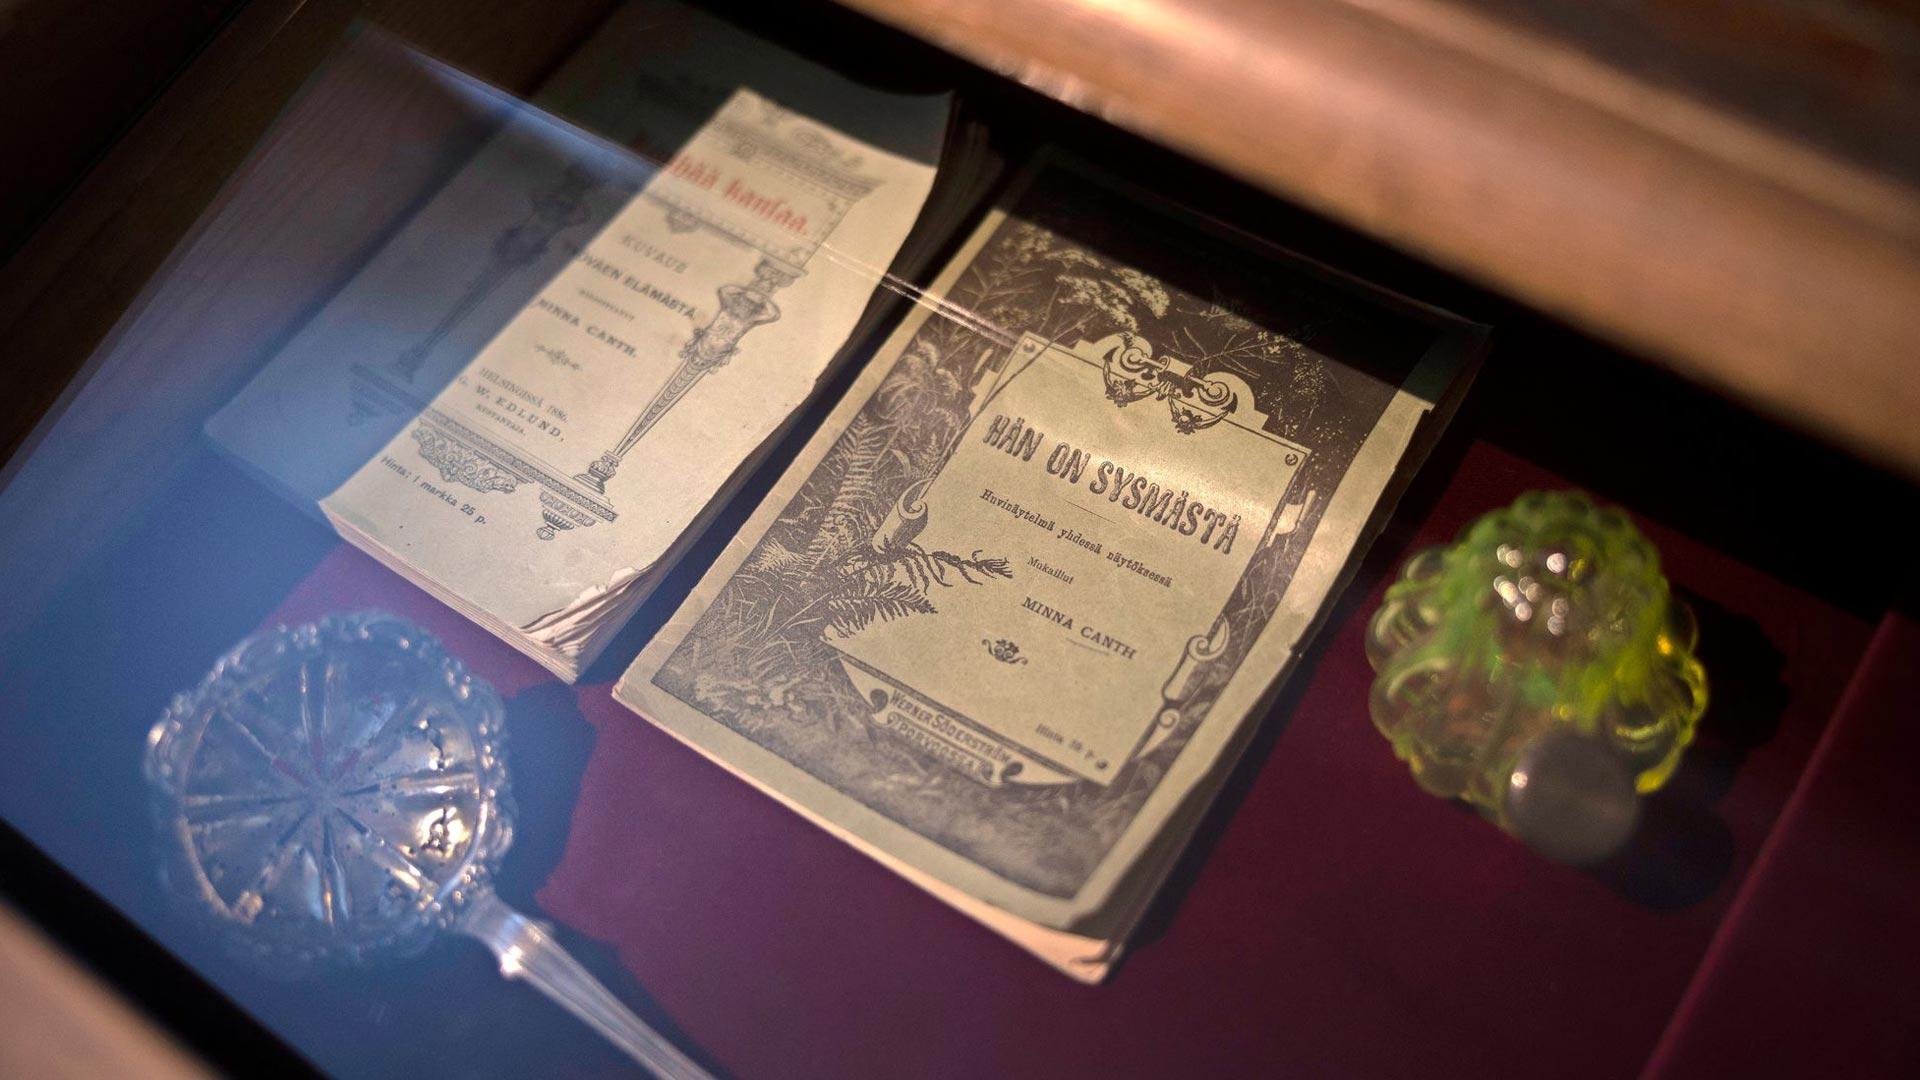 Minna Canthille kuuluneita esineitä Kuopion korttelimuseossa: alkuperäisiä näytelmävihkoja, mustepullo ja sirotelusikka.